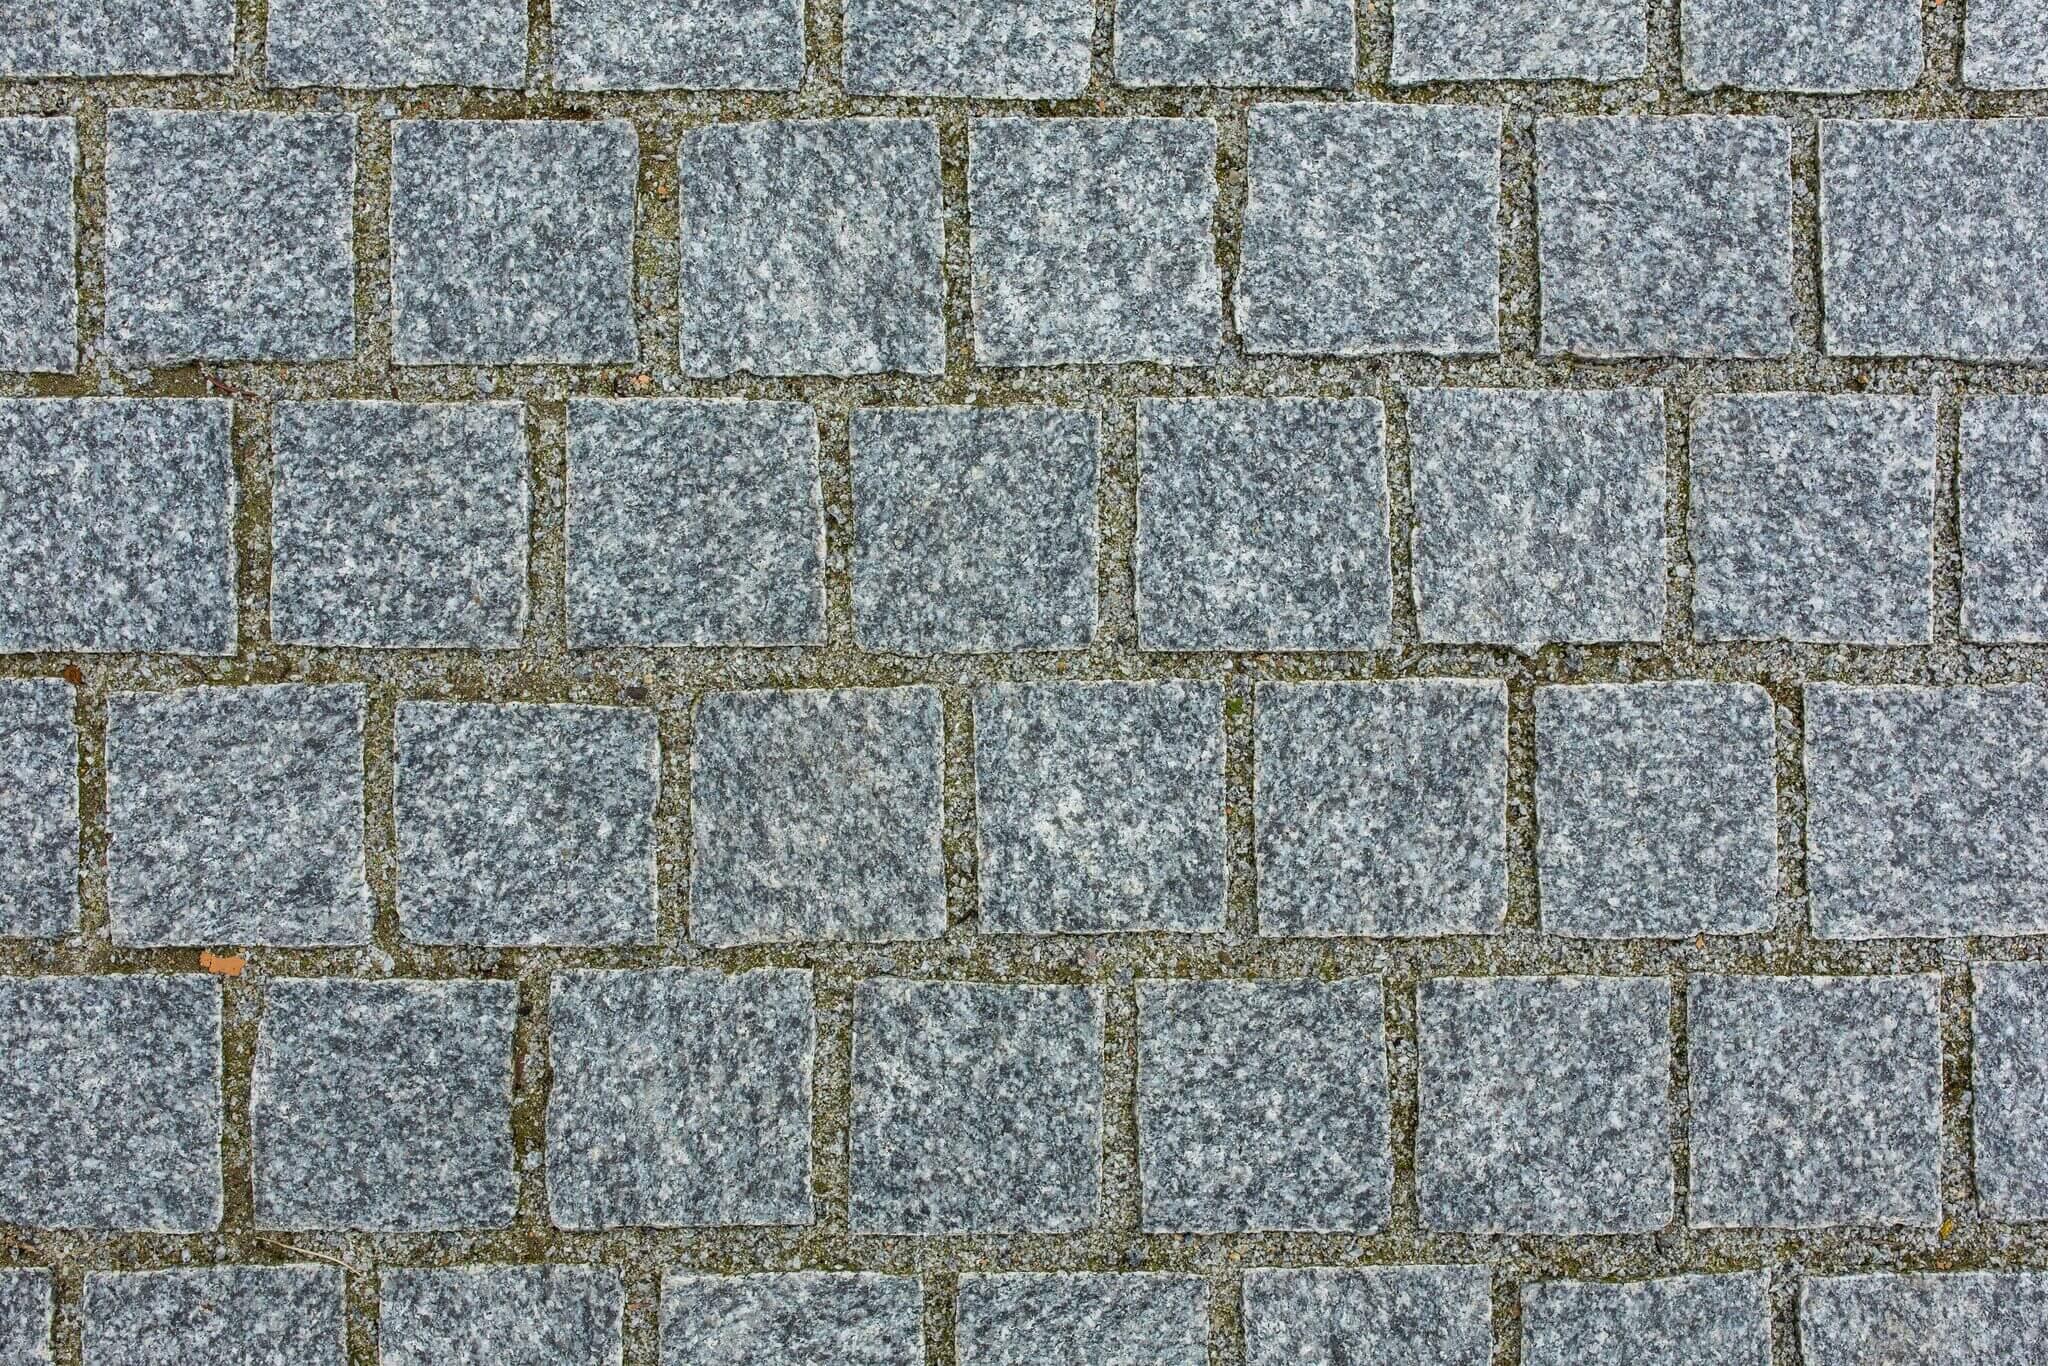 granit kleinpflaster hellgrau 10x10x8 cm gesägt geflammt